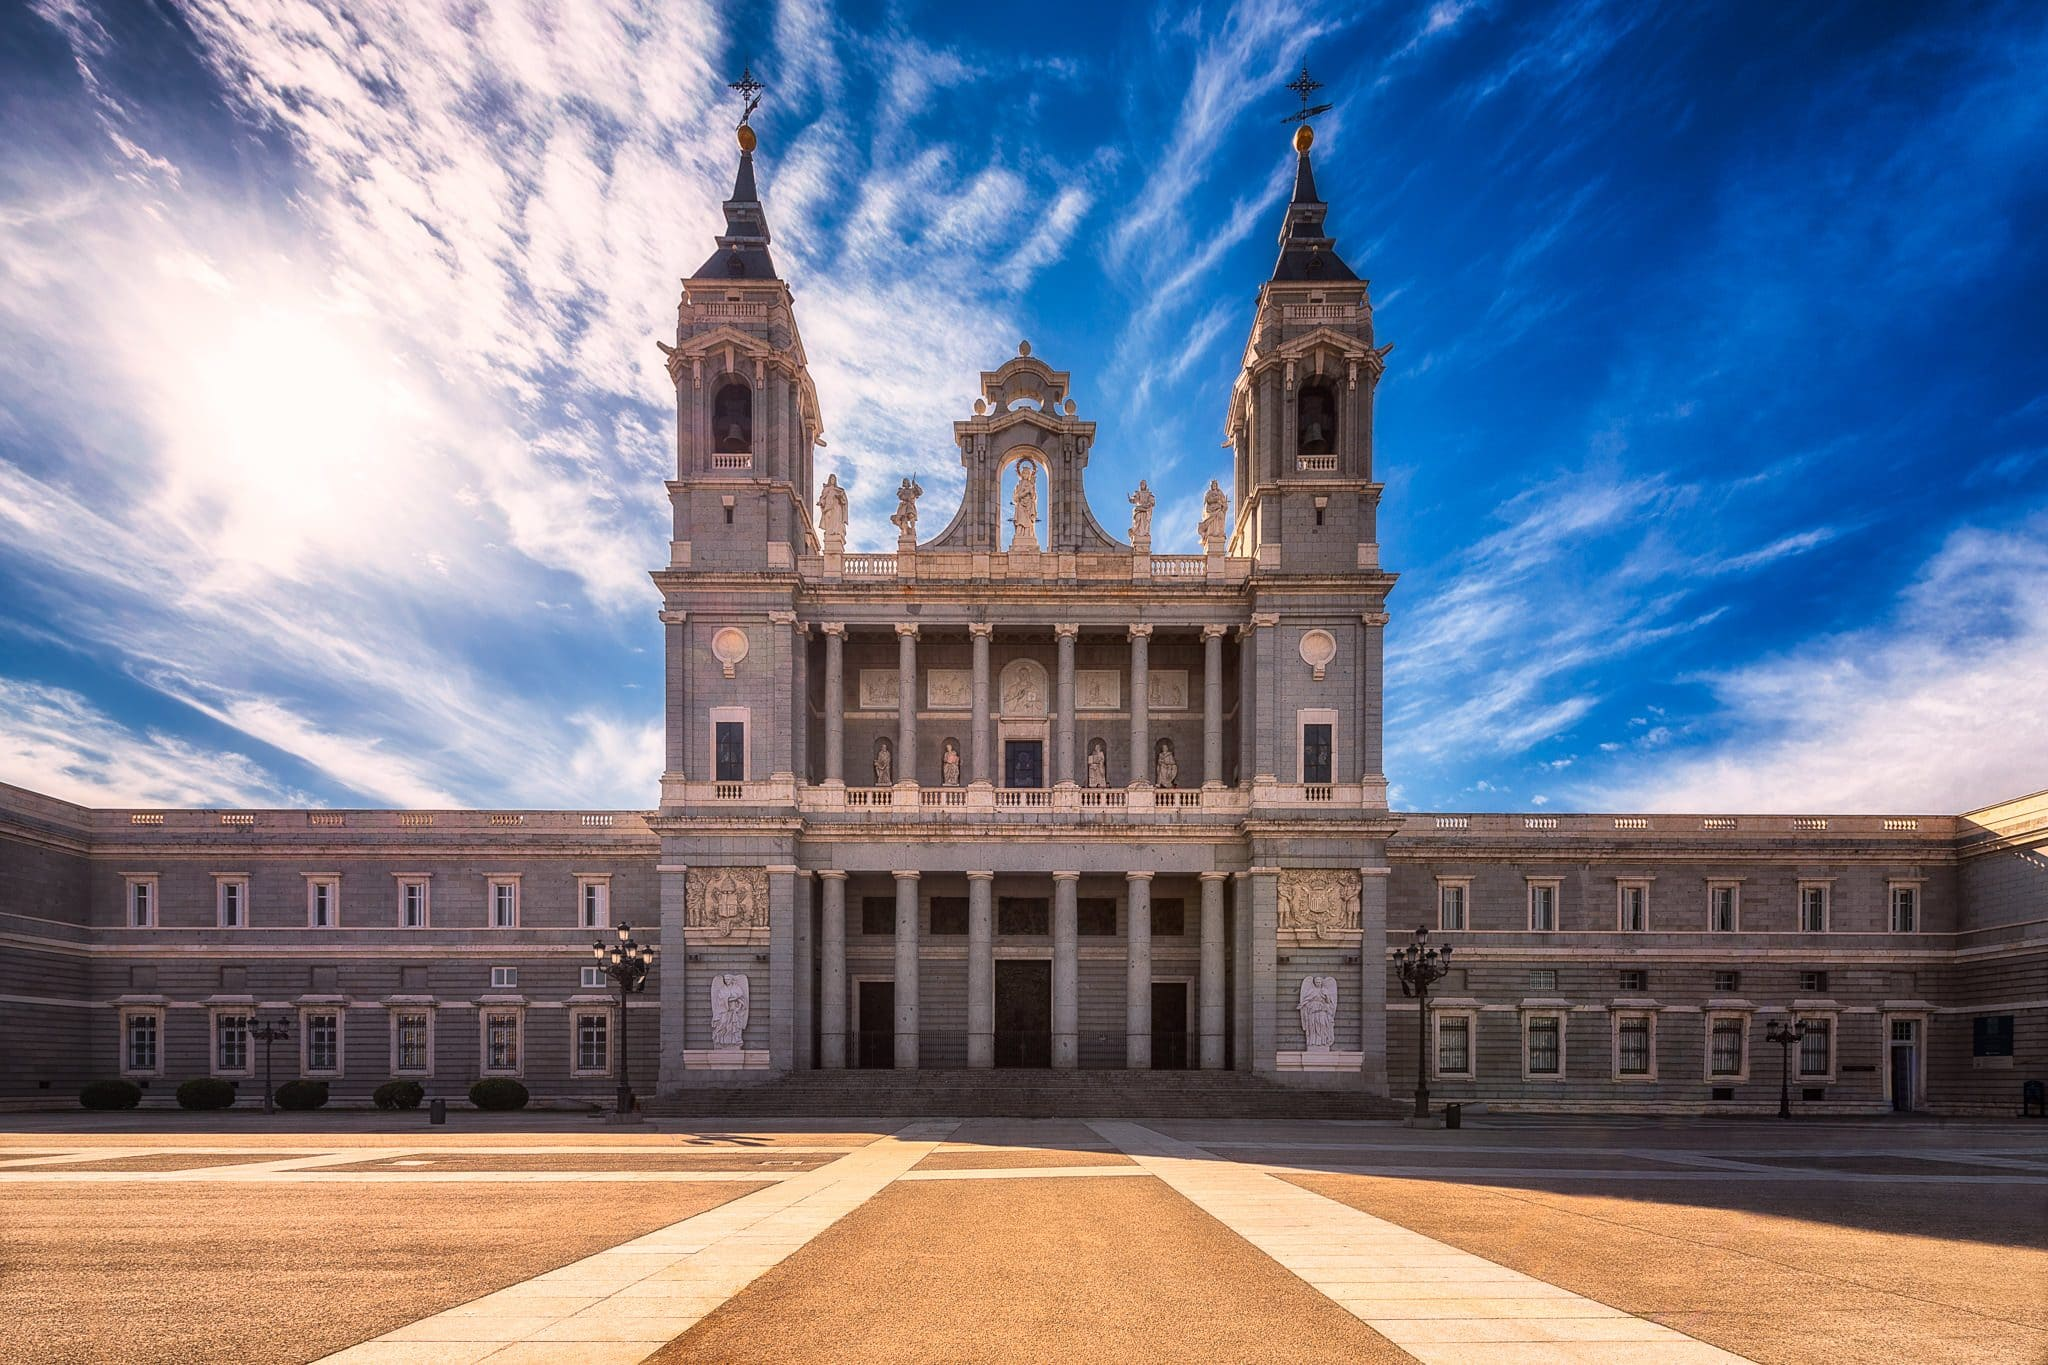 Almudena-Kathedrale und Plaza de la Armaria - die wichtigsten Touristenattraktionen in Madrid an einem sonnigen Tag im Februar.